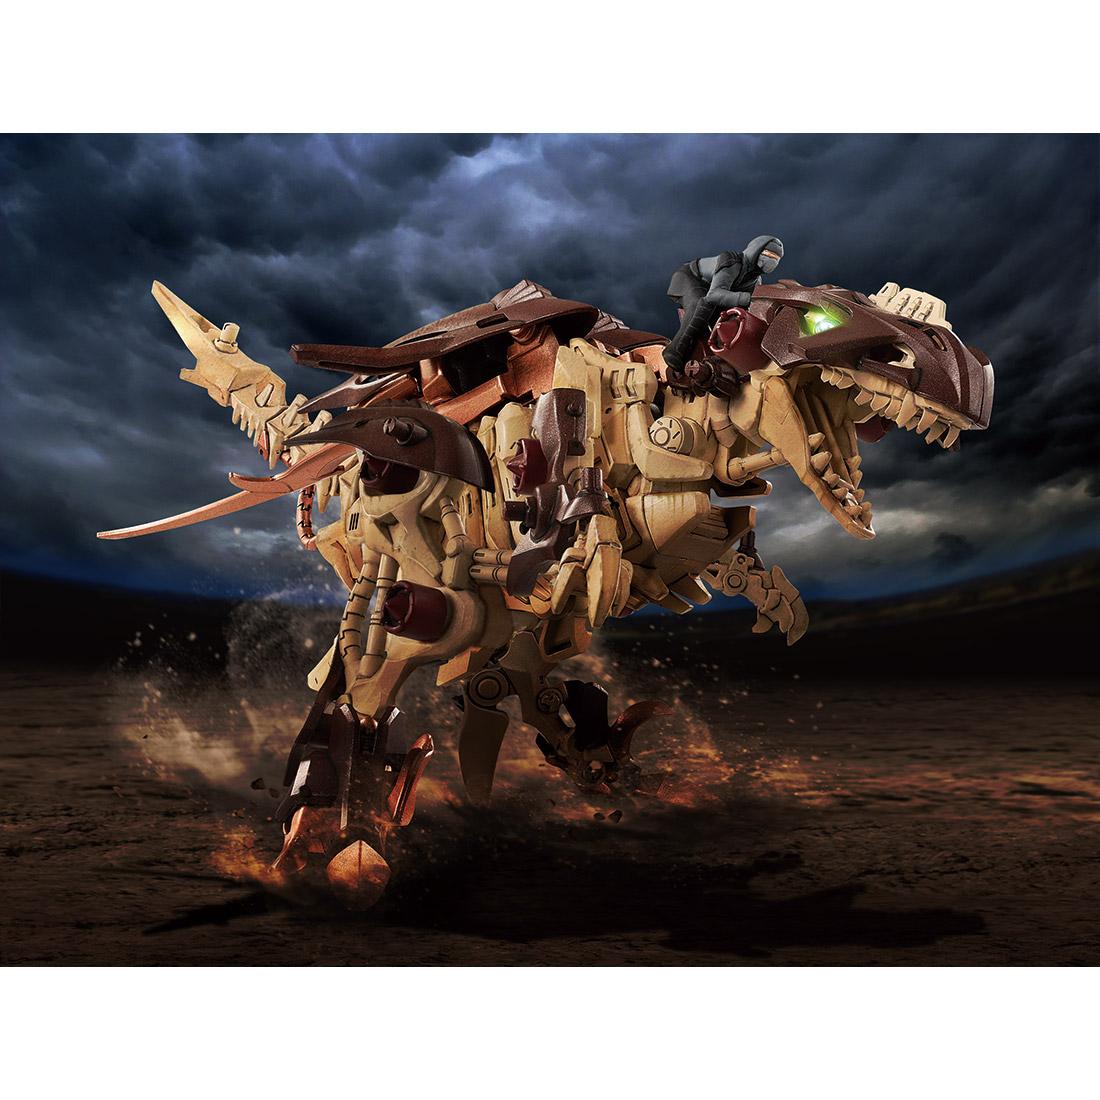 【恐竜博2019開催記念】ゾイドワイルド『ギルラプター レアボーンver.』組み立てキット-008